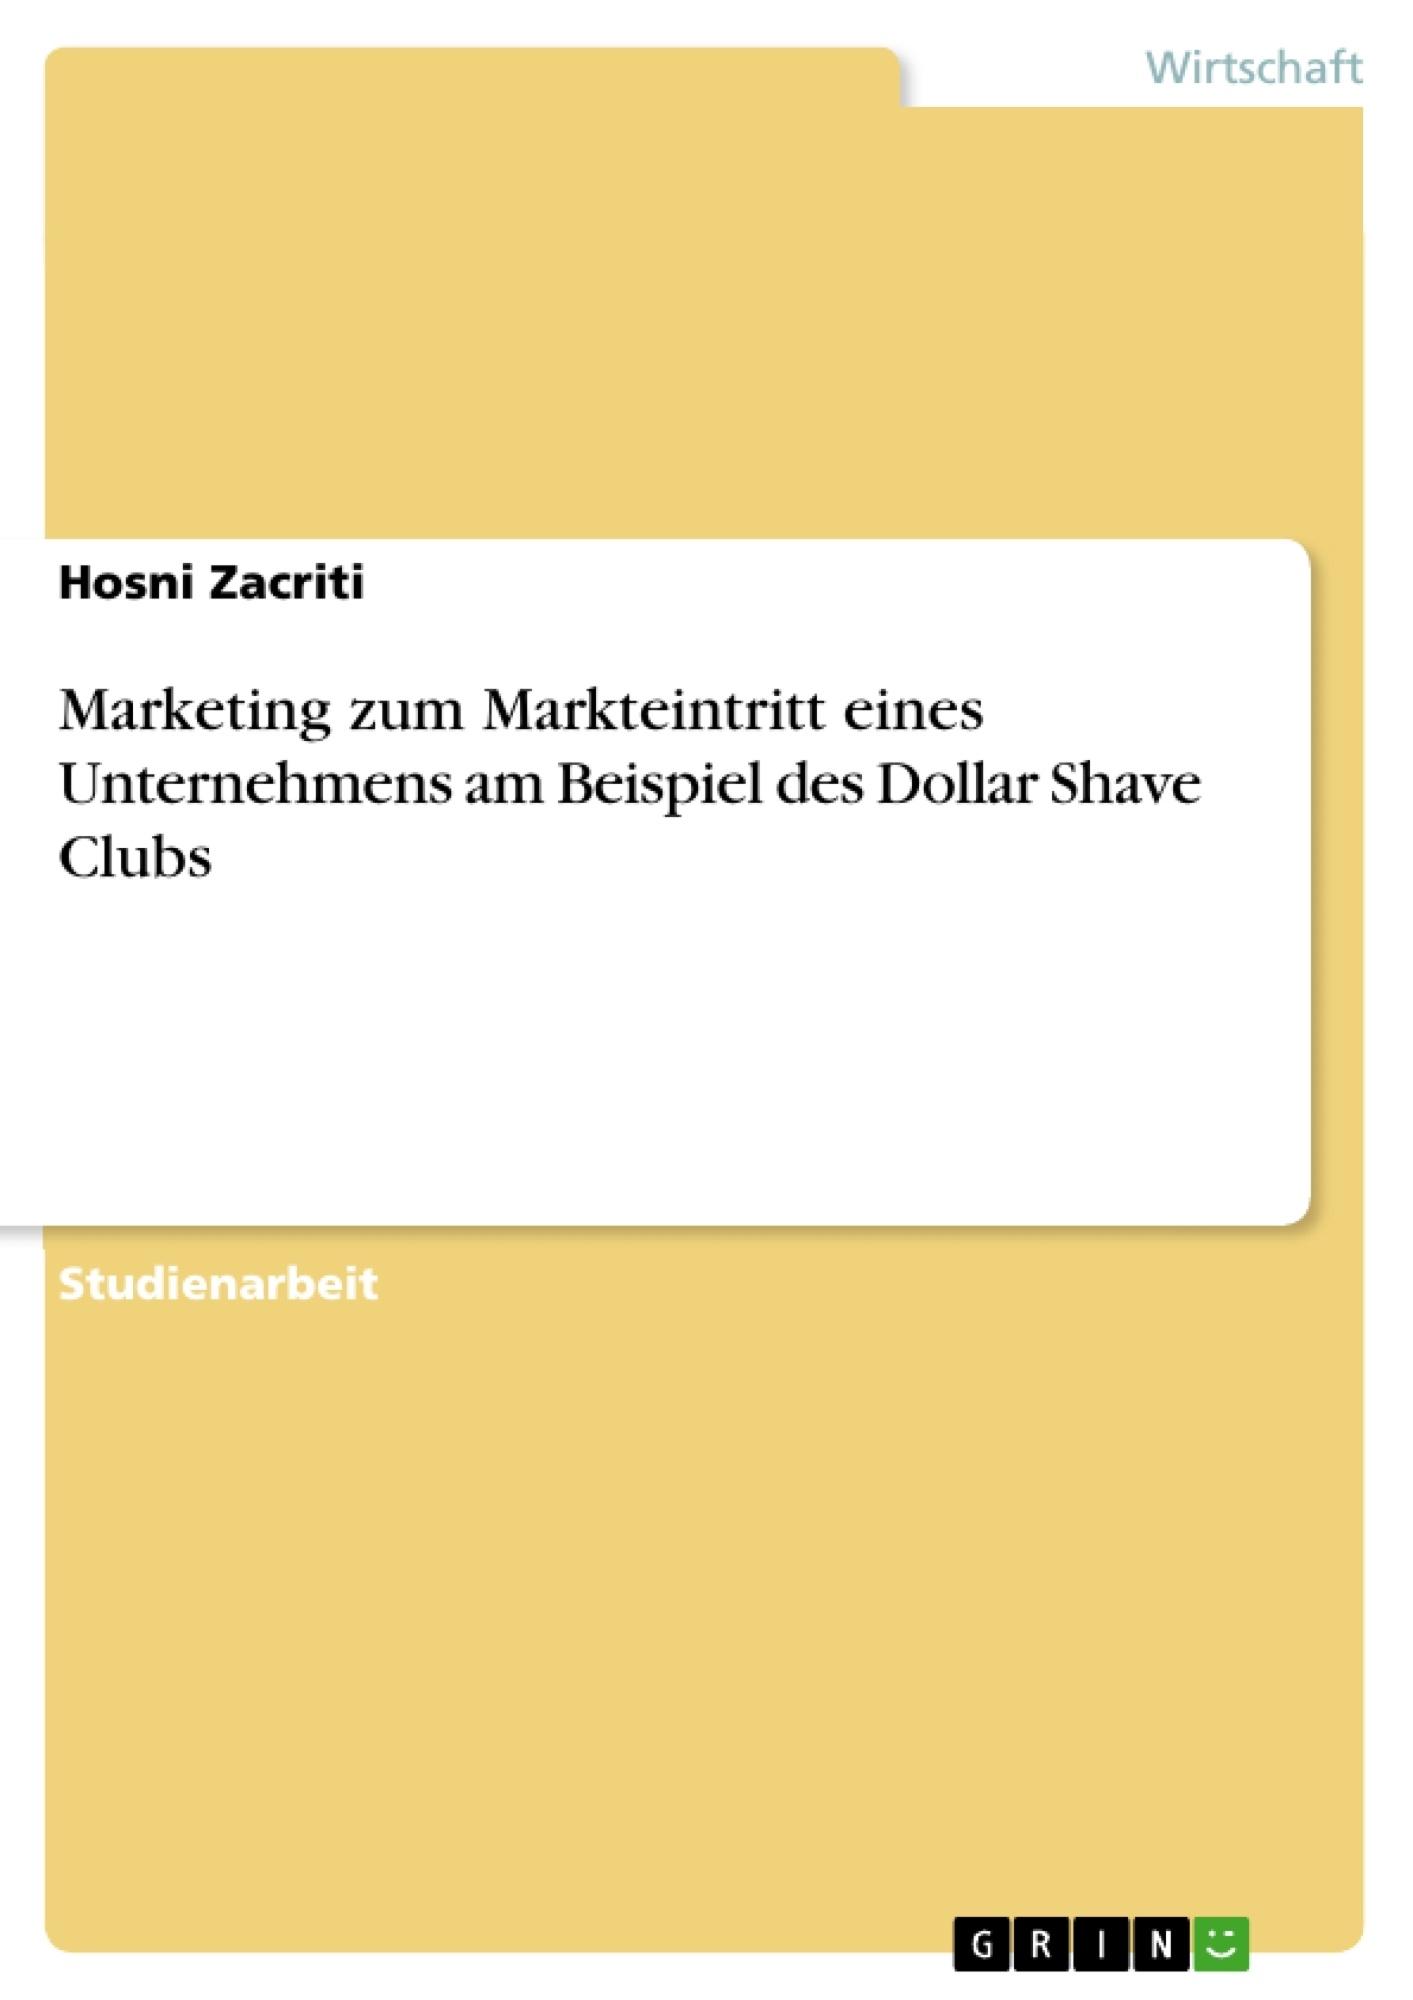 Titel: Marketing zum Markteintritt eines Unternehmens am Beispiel des Dollar Shave Clubs